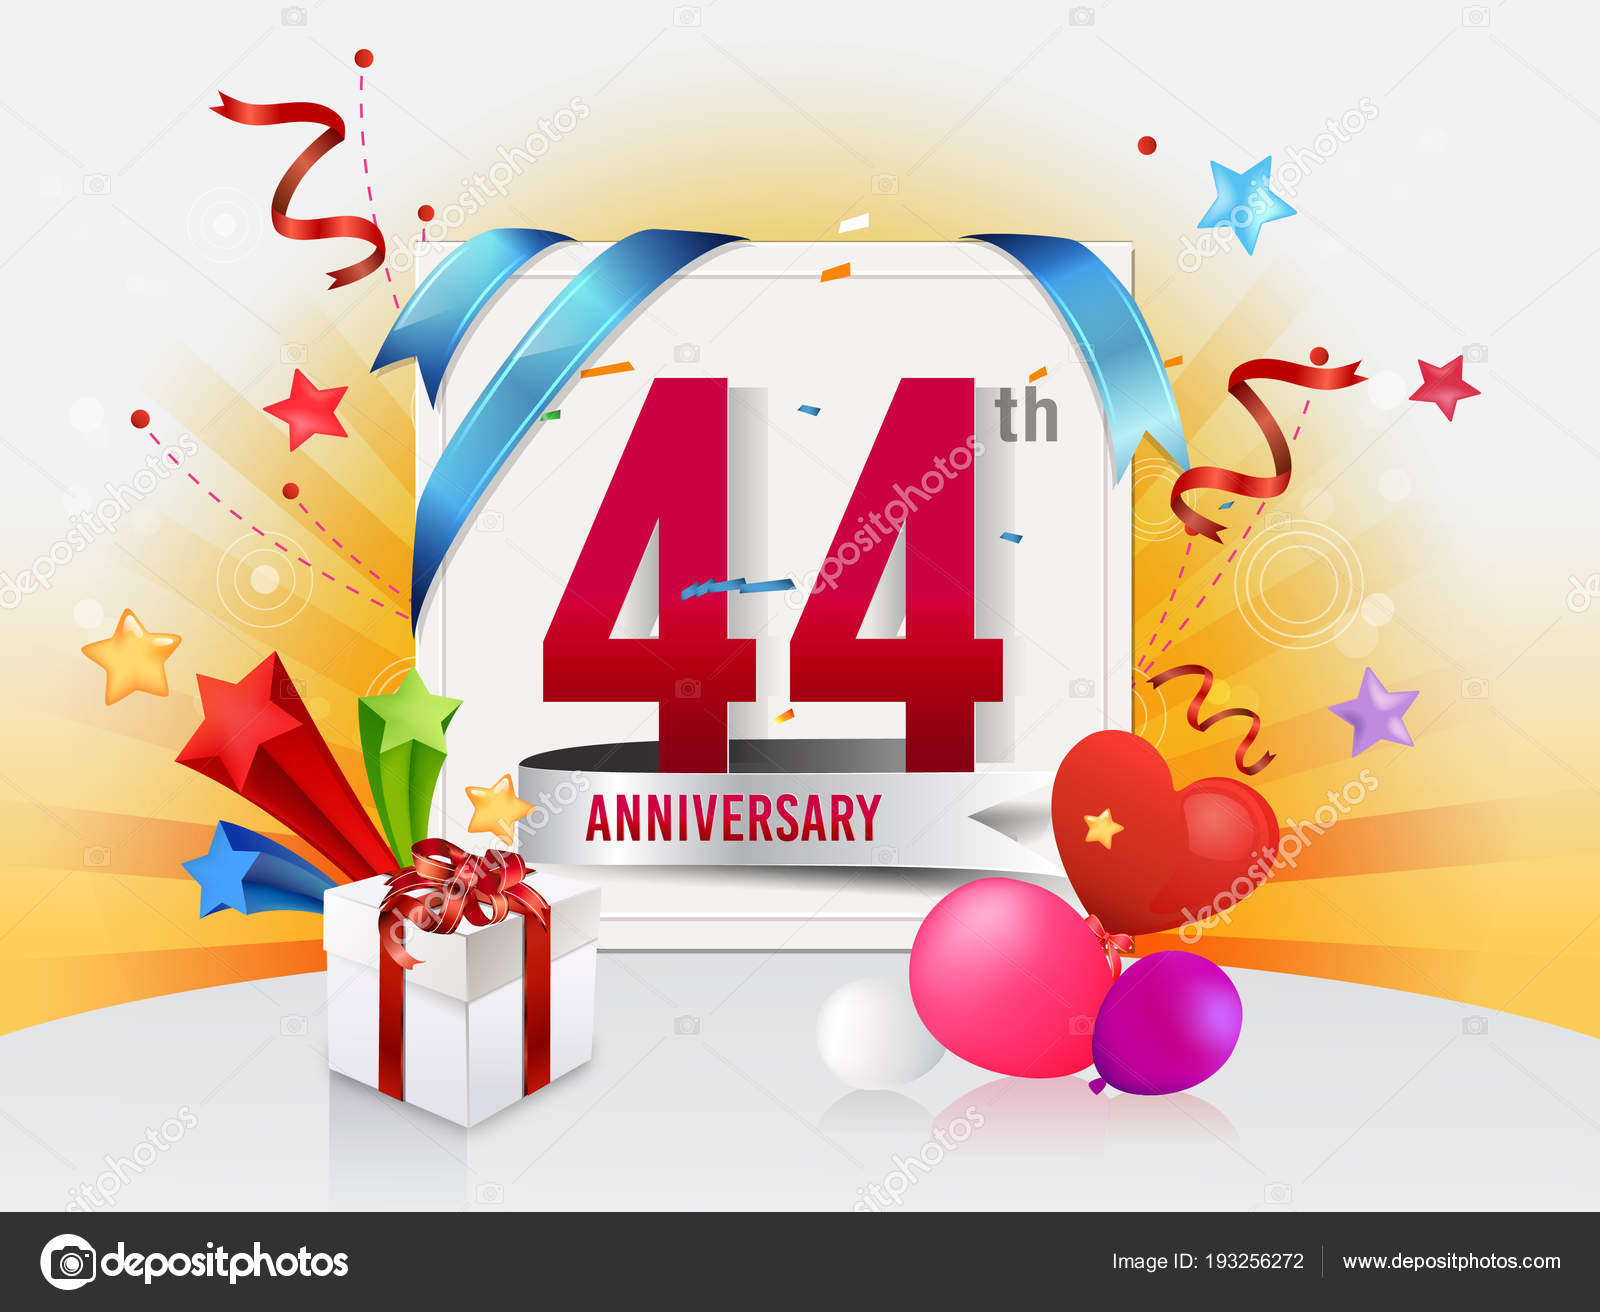 Anniversario Di Matrimonio 44 Anni.Years Anniversary Decorative Background Balloons Stock Vector